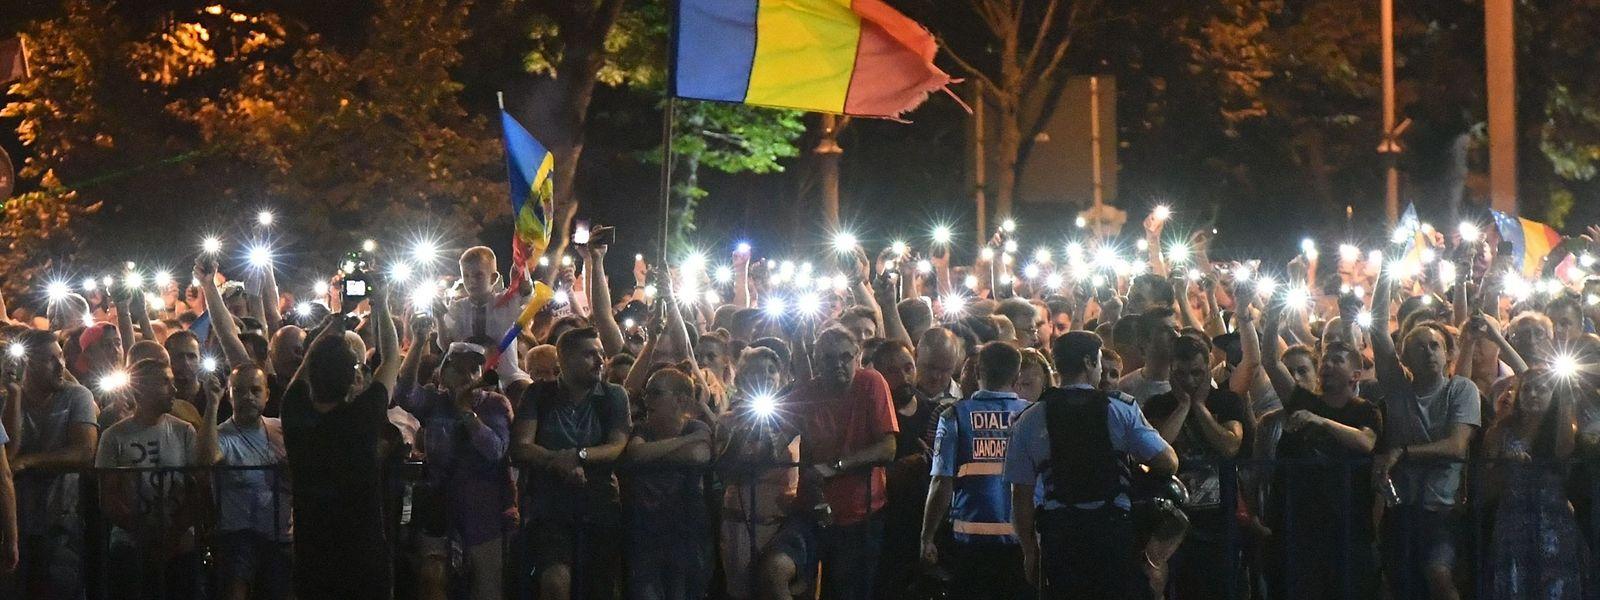 In der Hauptstadt Bukarest wurden 452 Menschen verletzt, unter ihnen 35 Polizisten.